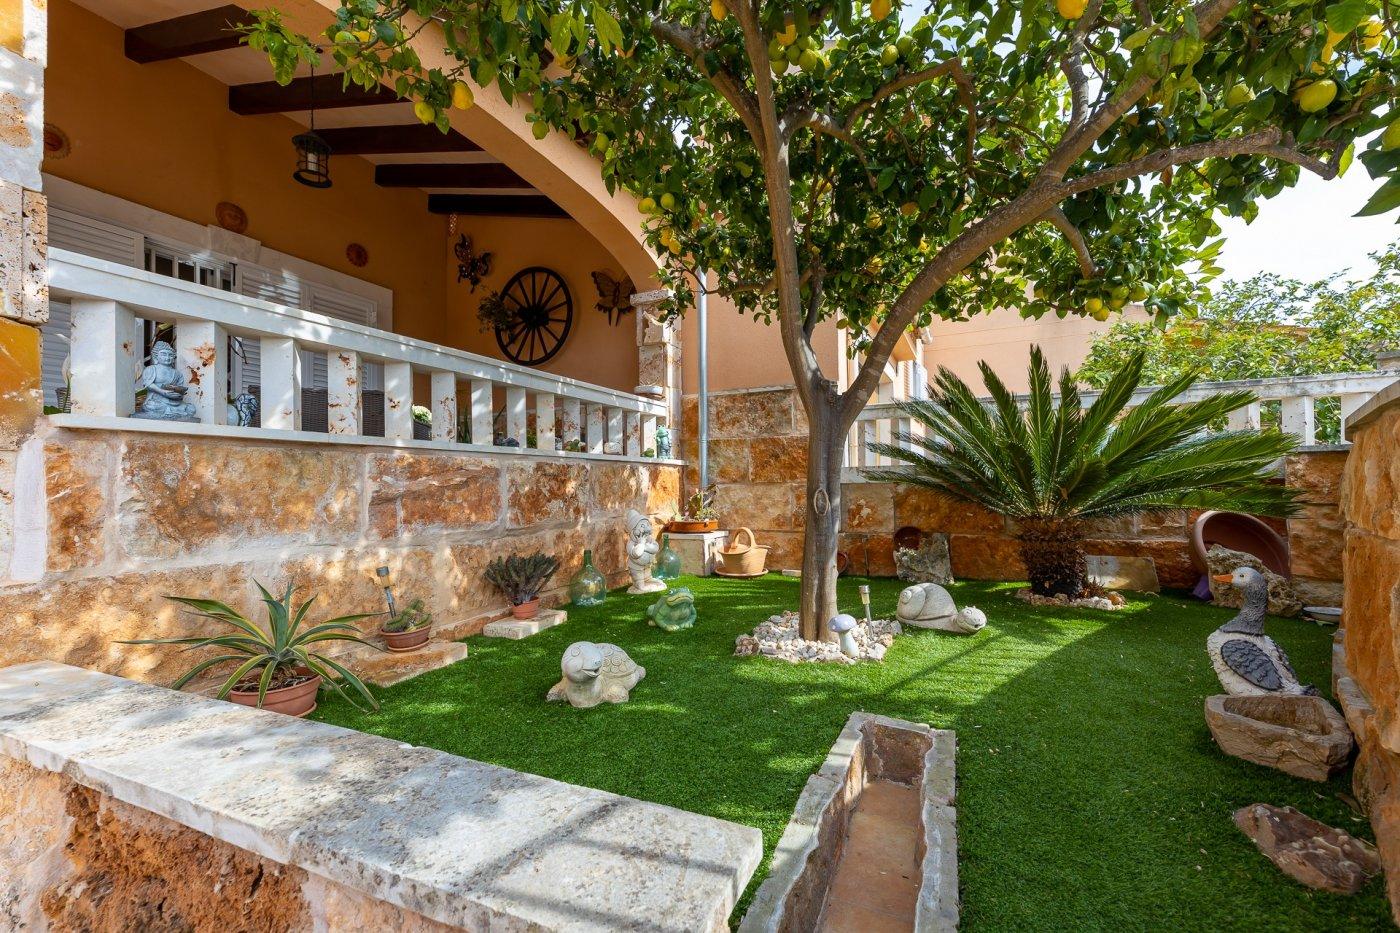 Chalet adosado con piscina en las palmeras - imagenInmueble2